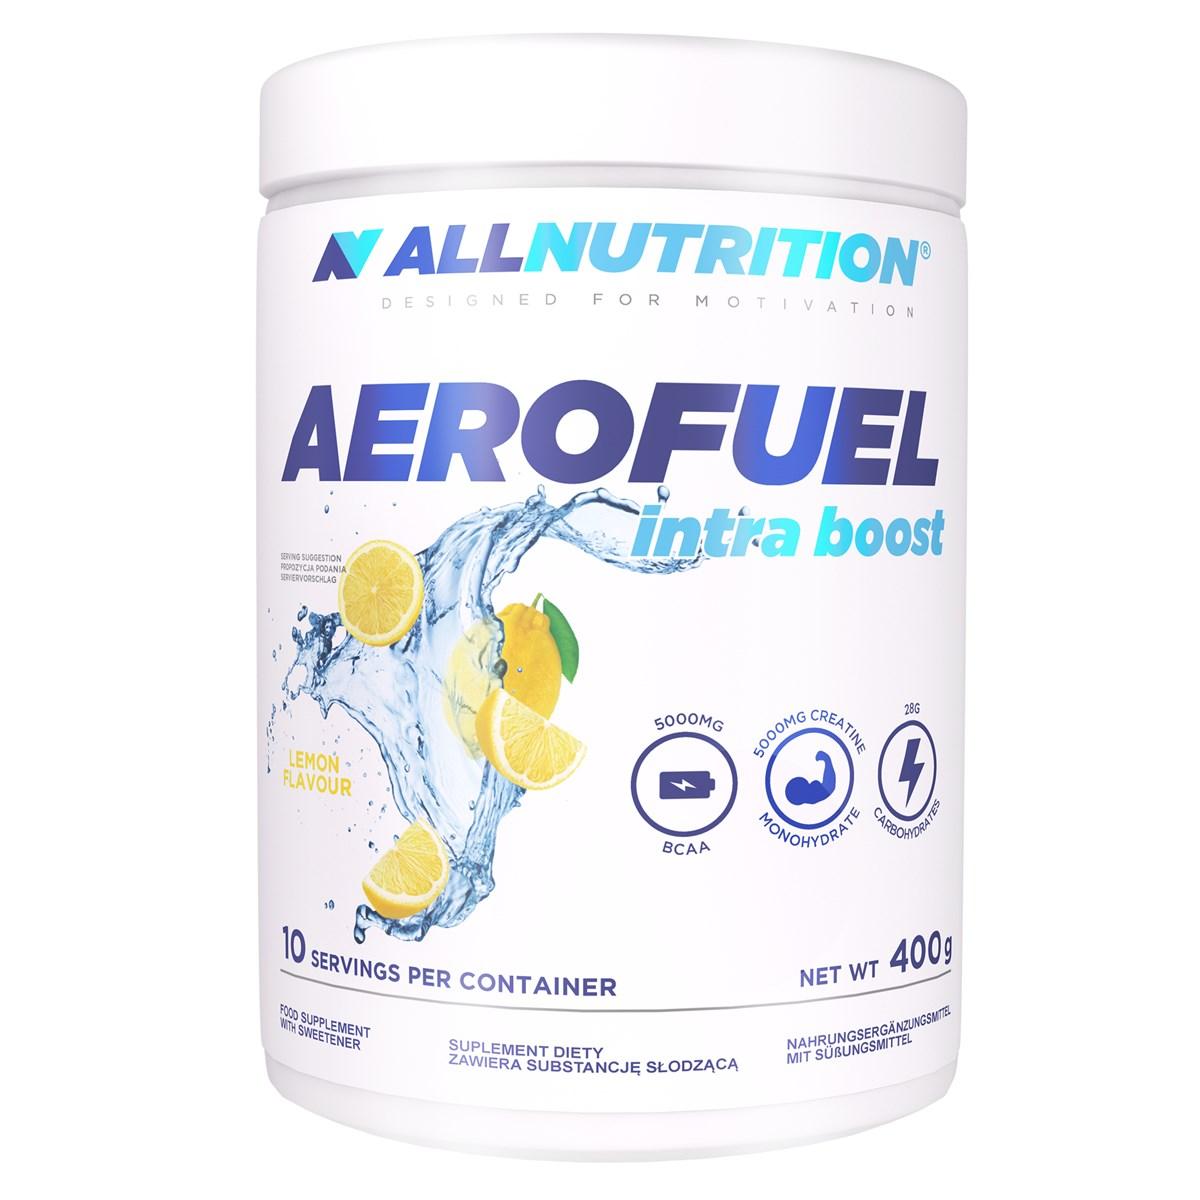 Aerofuel_Intra_Boost_i40298_d1200x1200